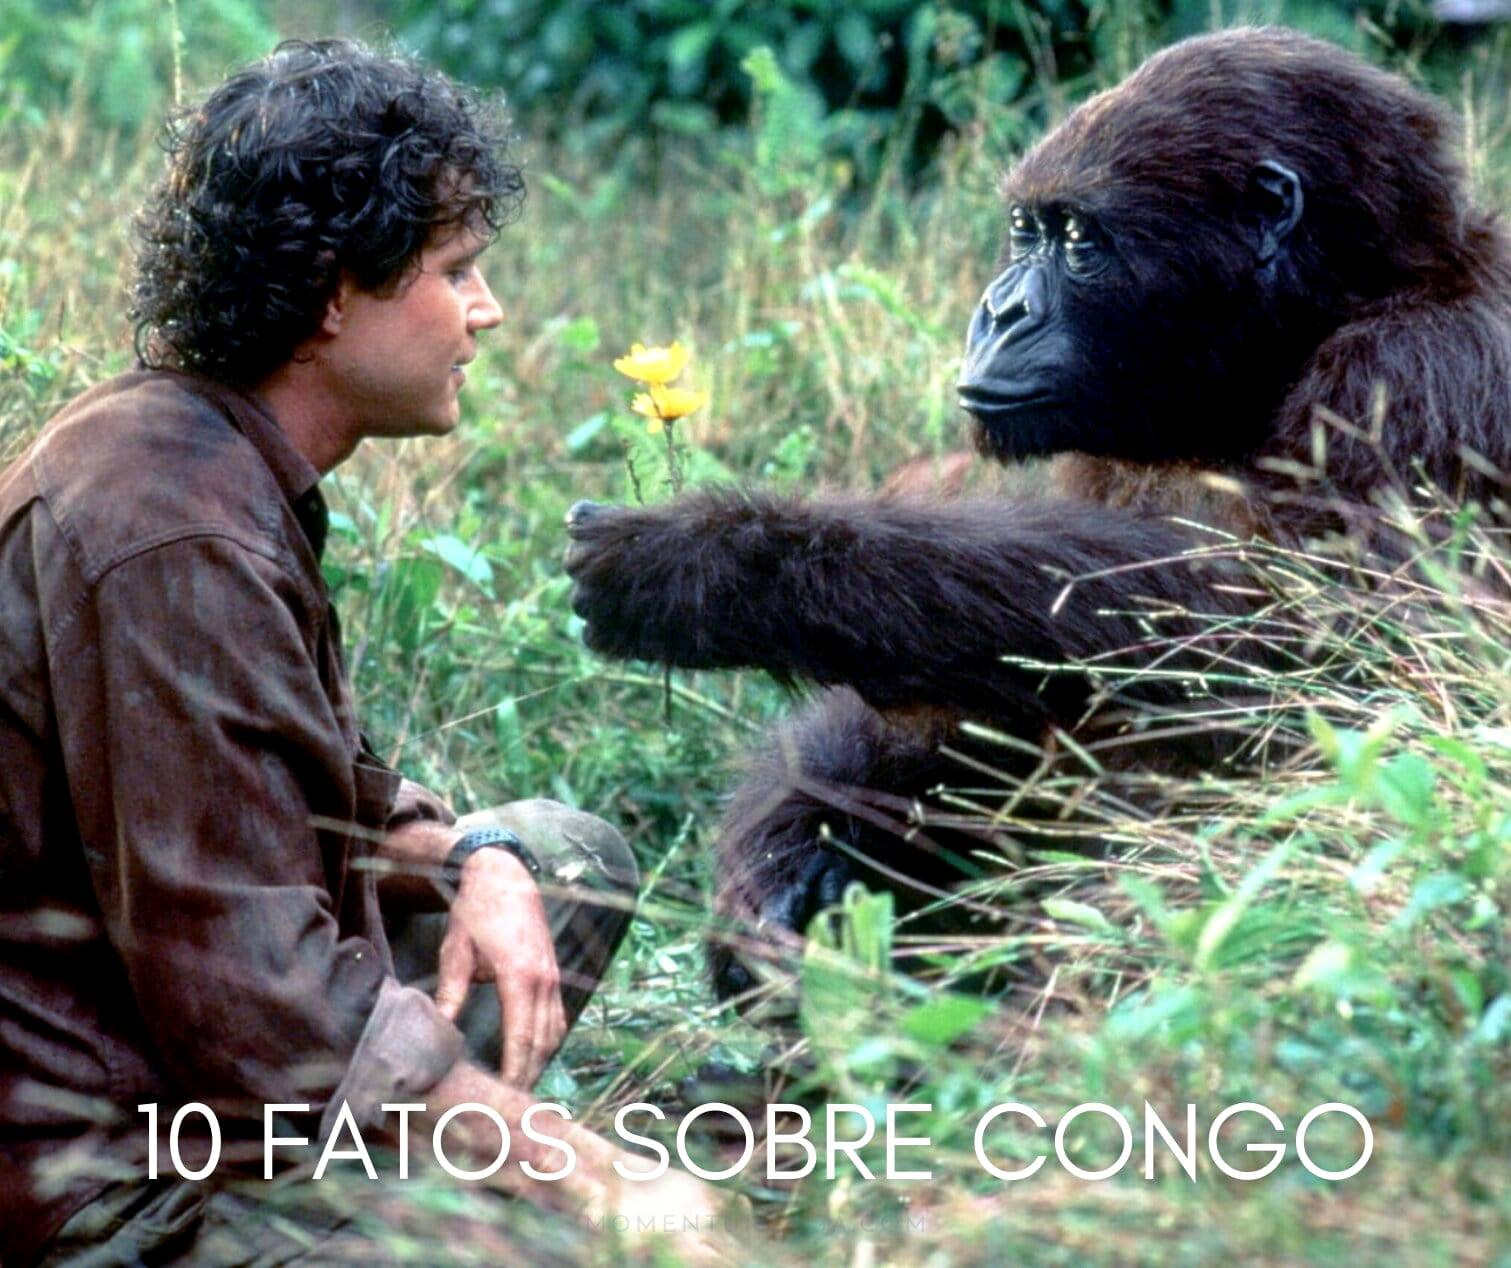 10 coisas que você não sabia sobre Congo!